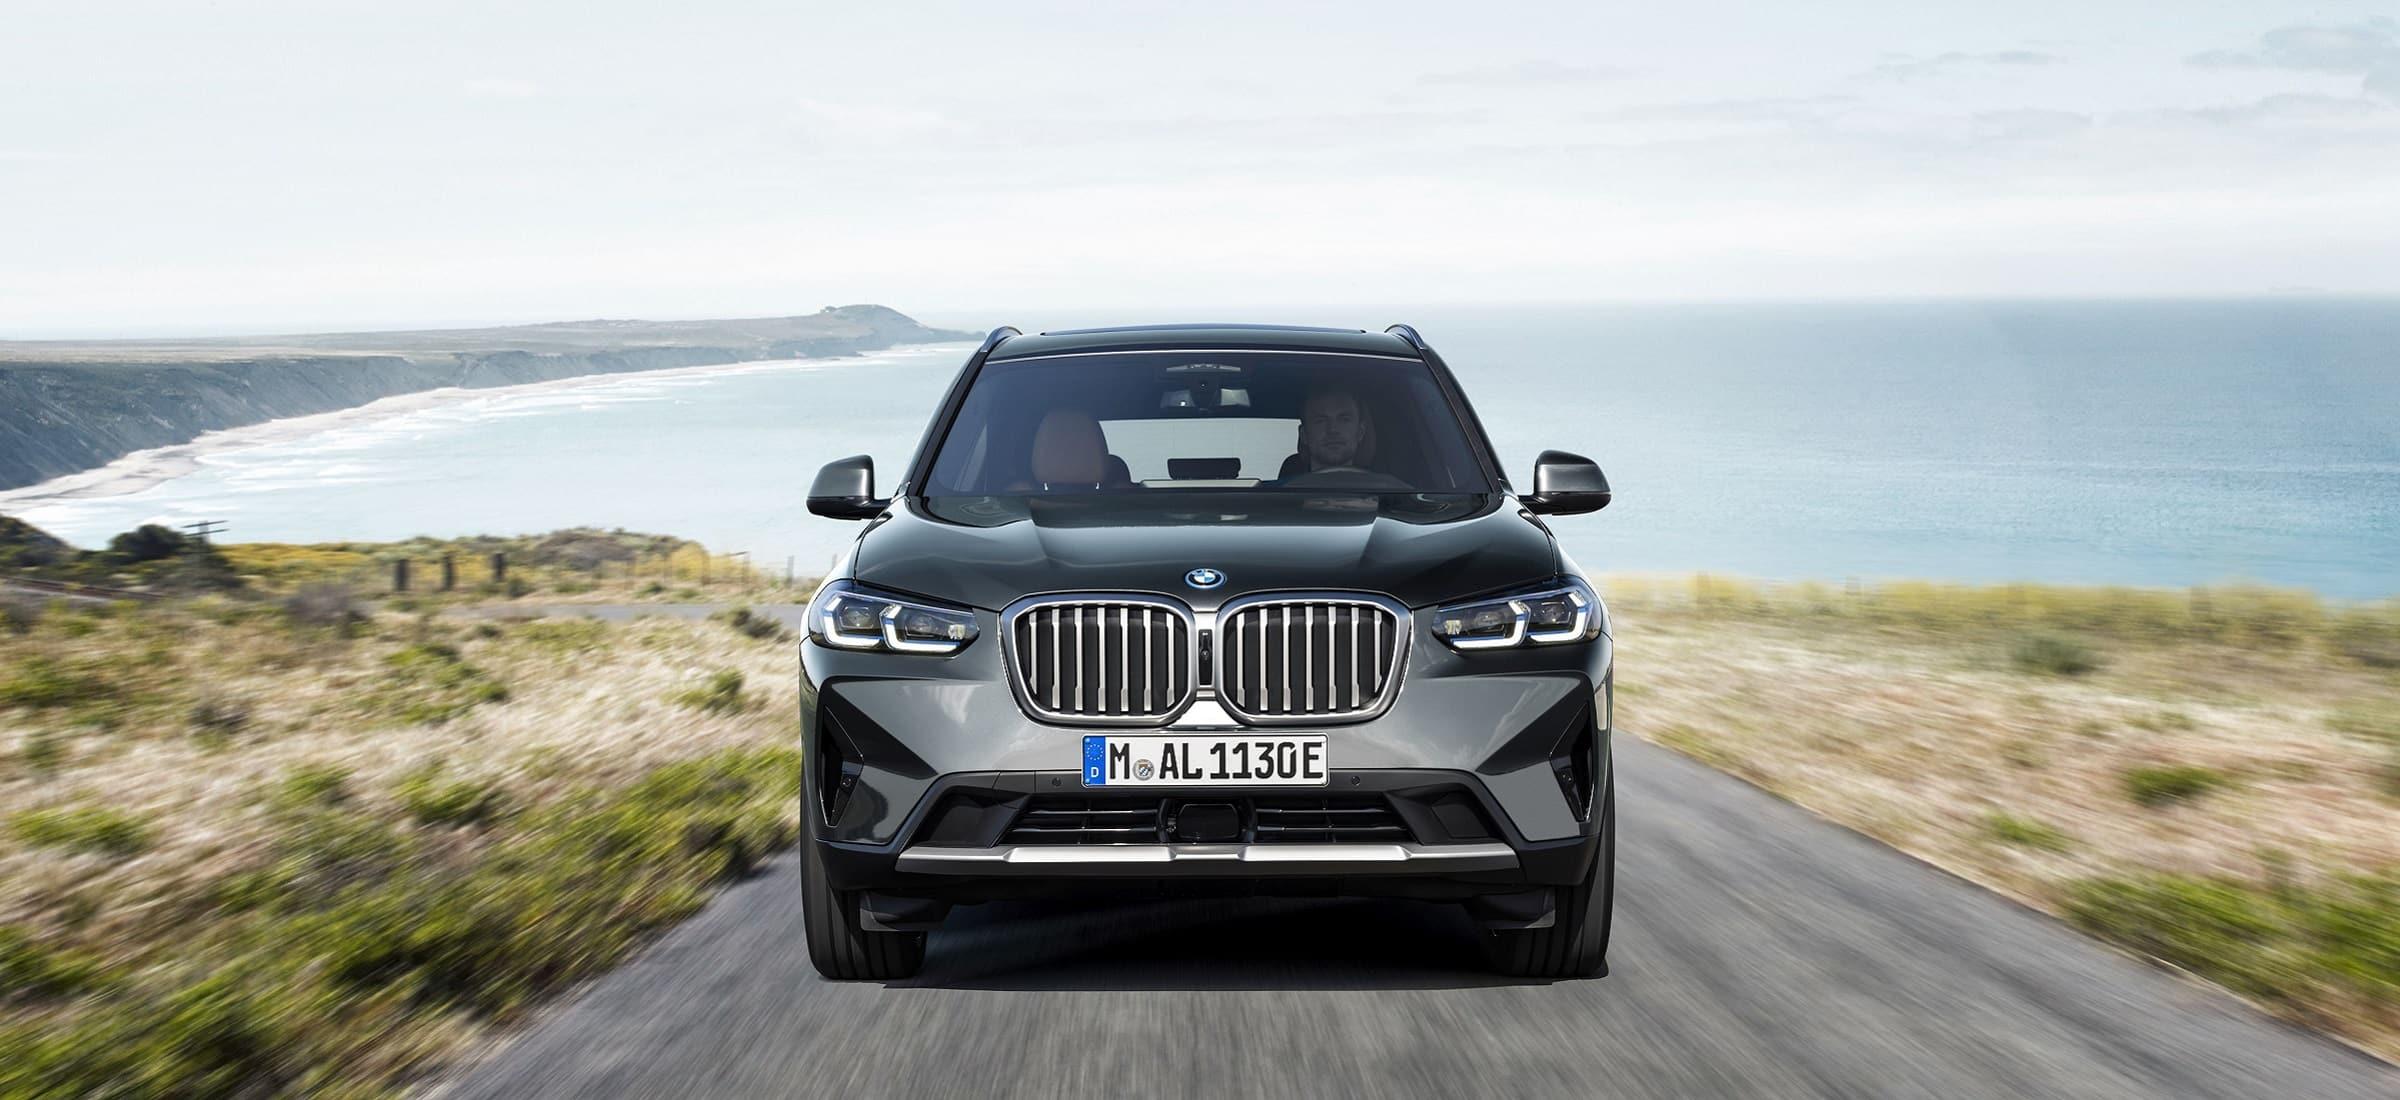 BMW X3 xDrive30e LCI Footer